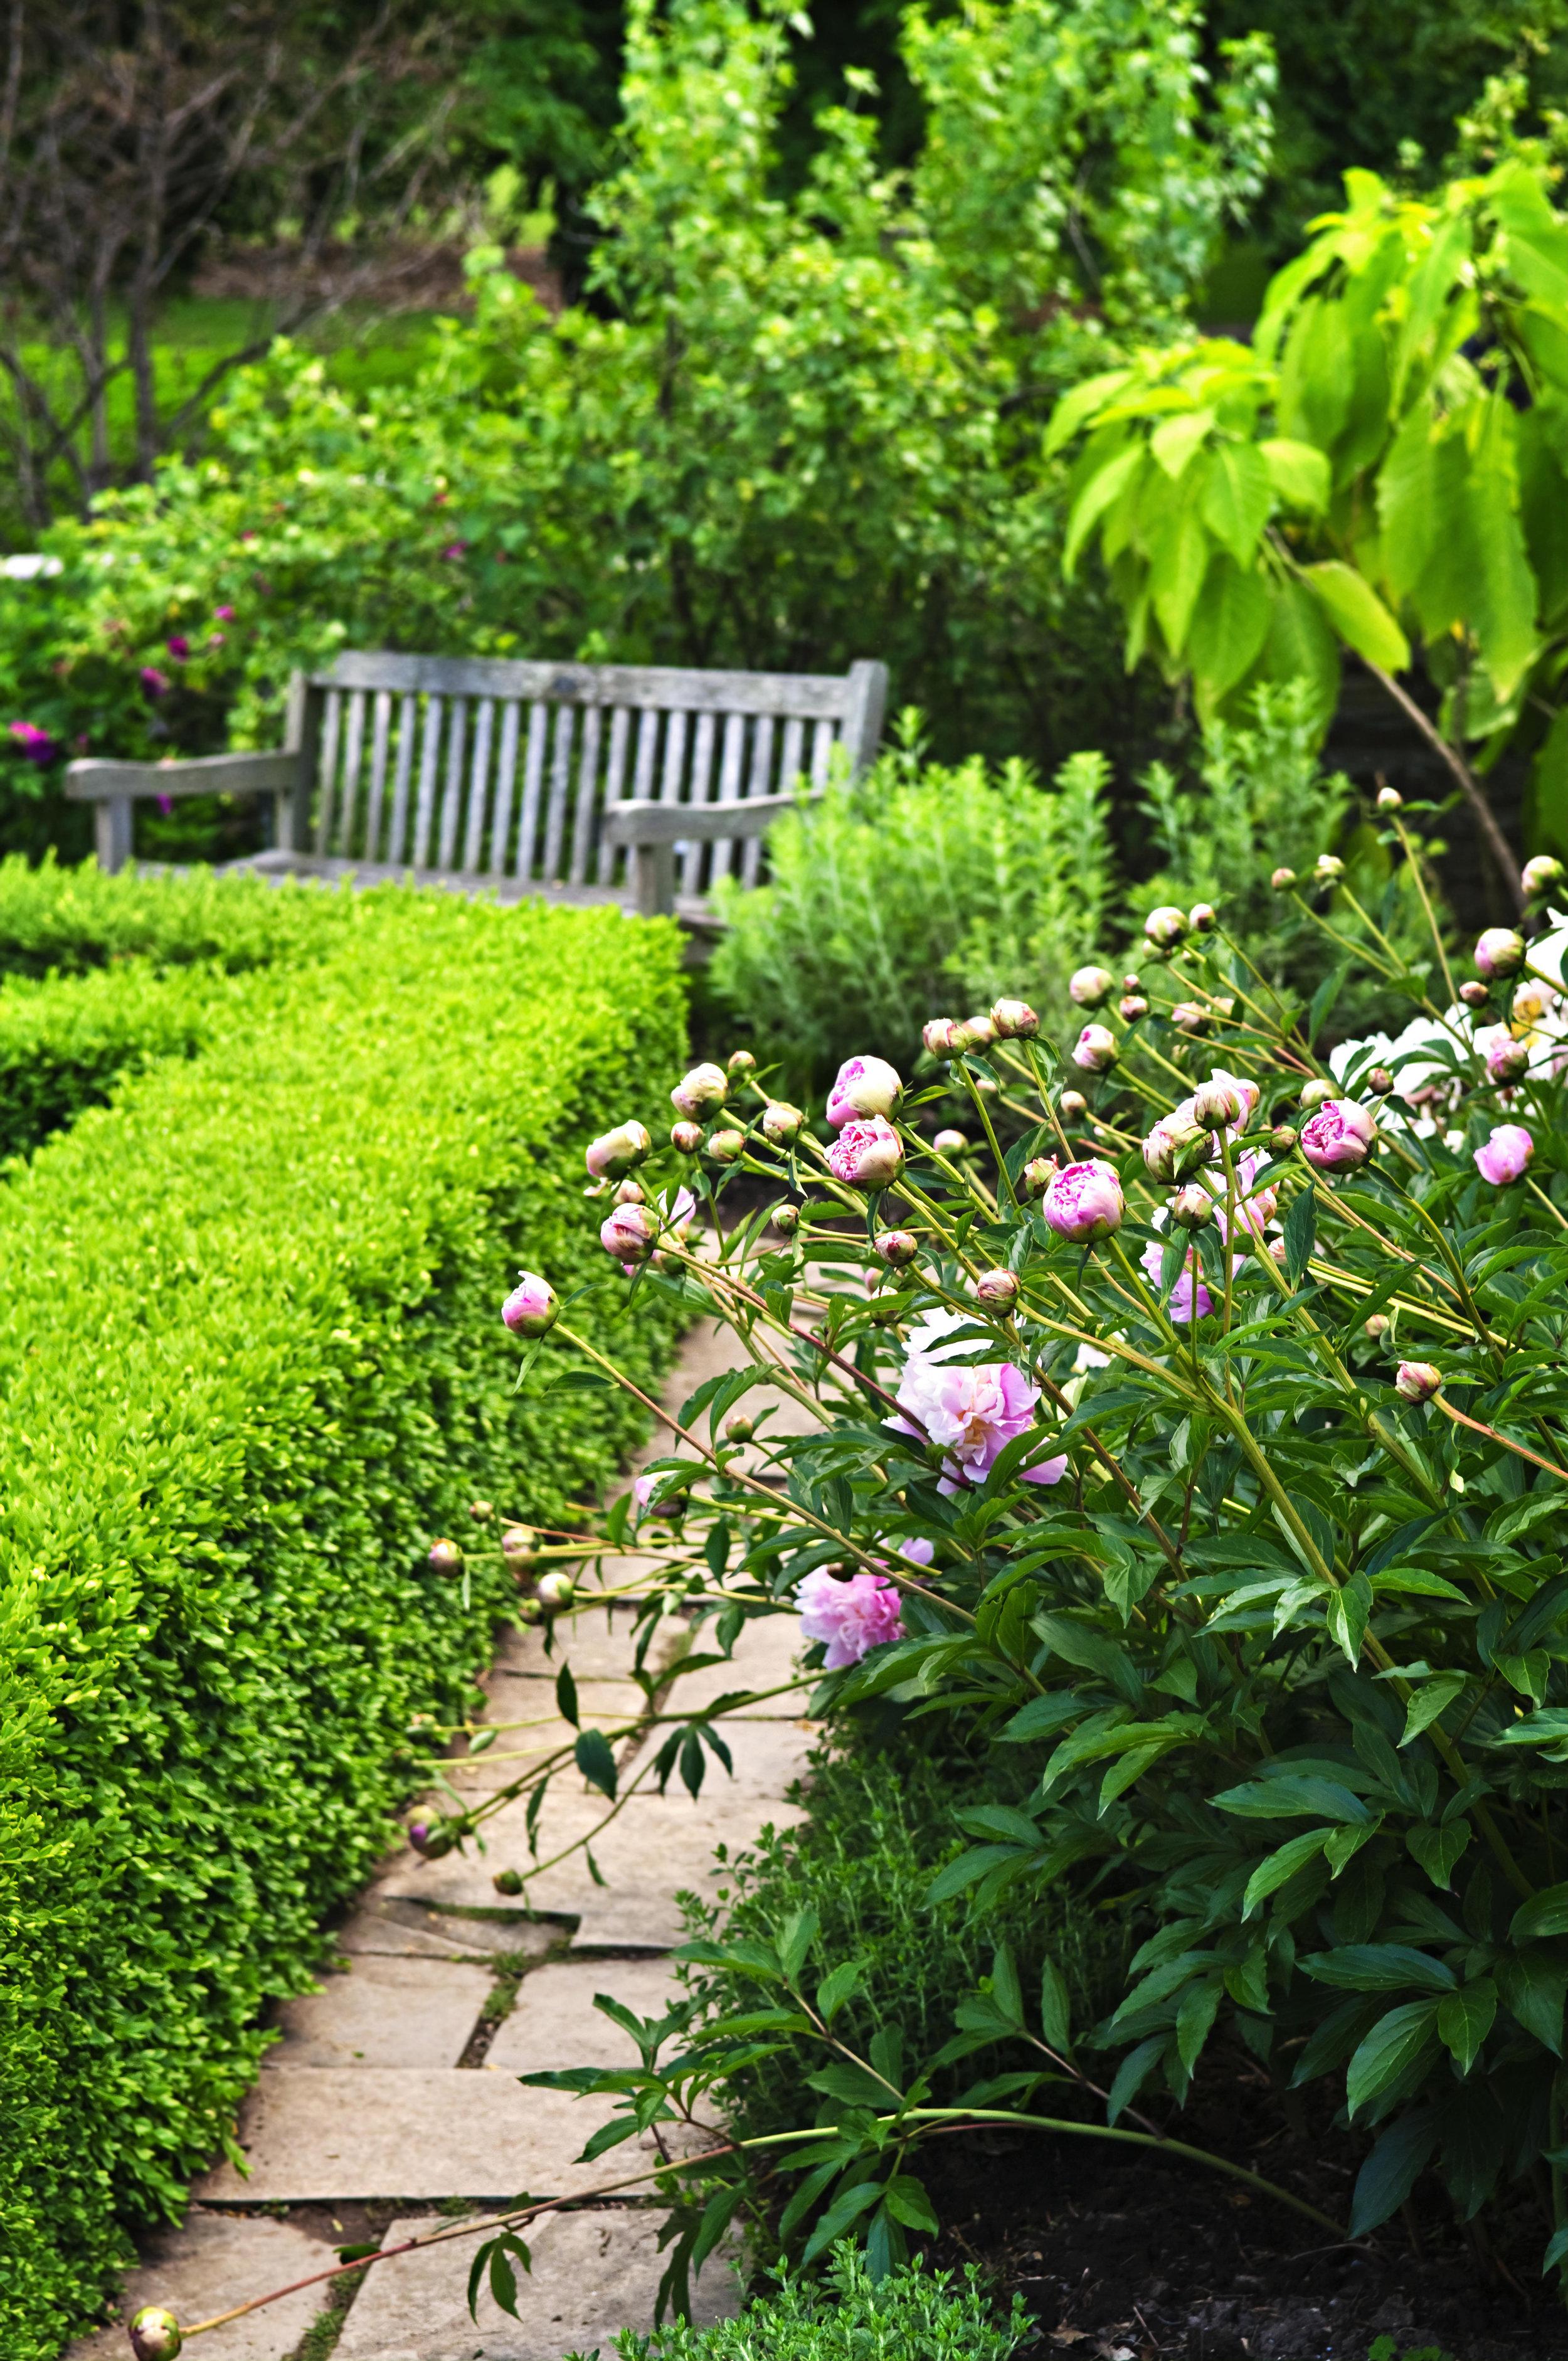 Enviroscapes Grounds Management | Atlanta, GA | Southeast's Premier Landscape Company